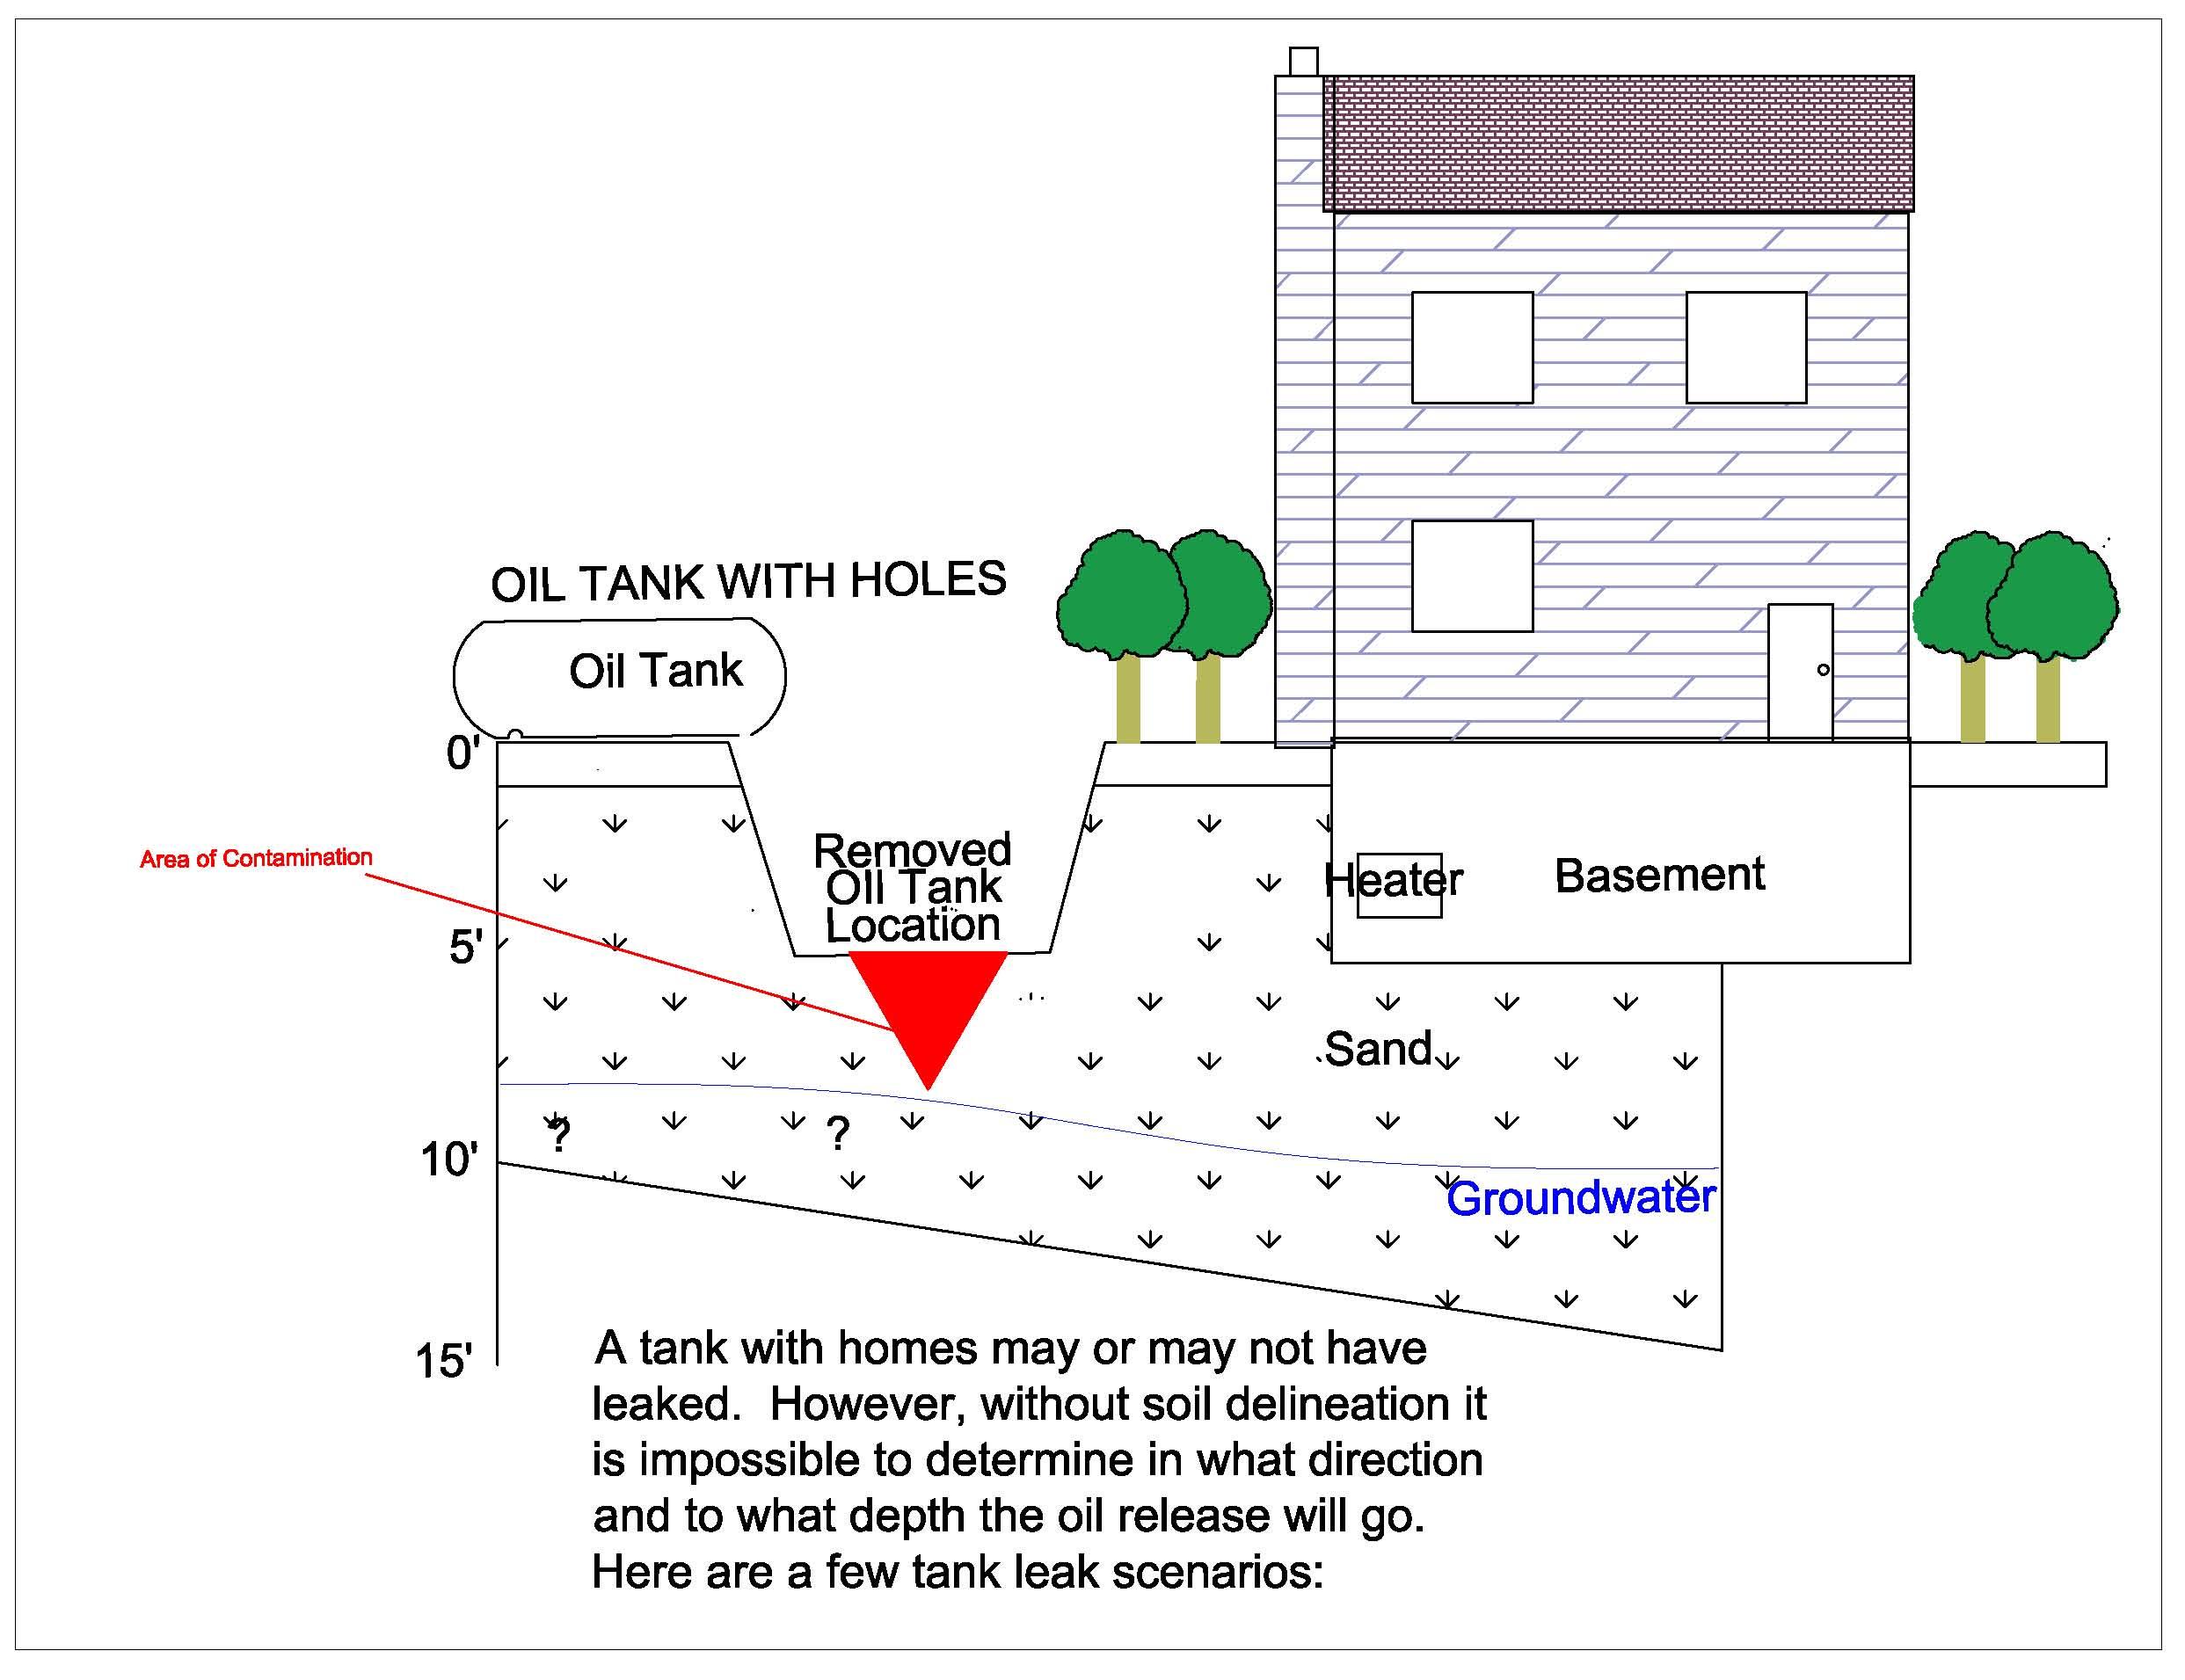 oil tank leaking-2.jpg